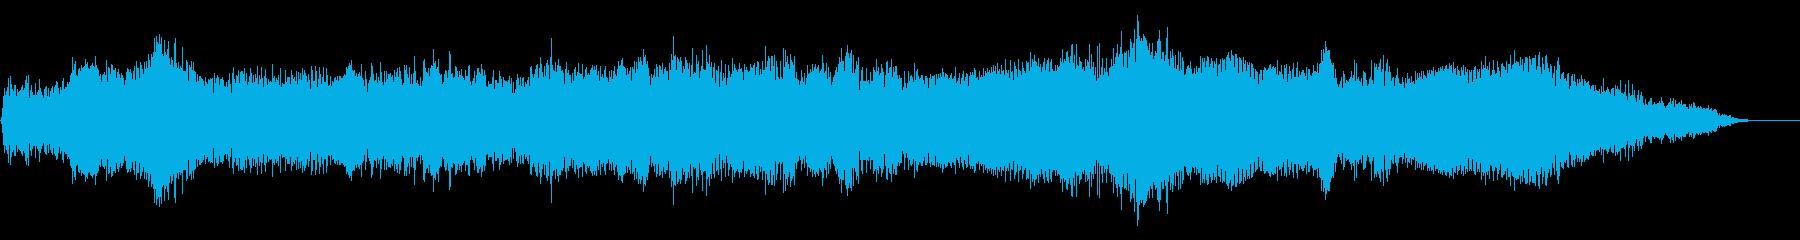 【ダークアンビエント】シーンBGM_07の再生済みの波形